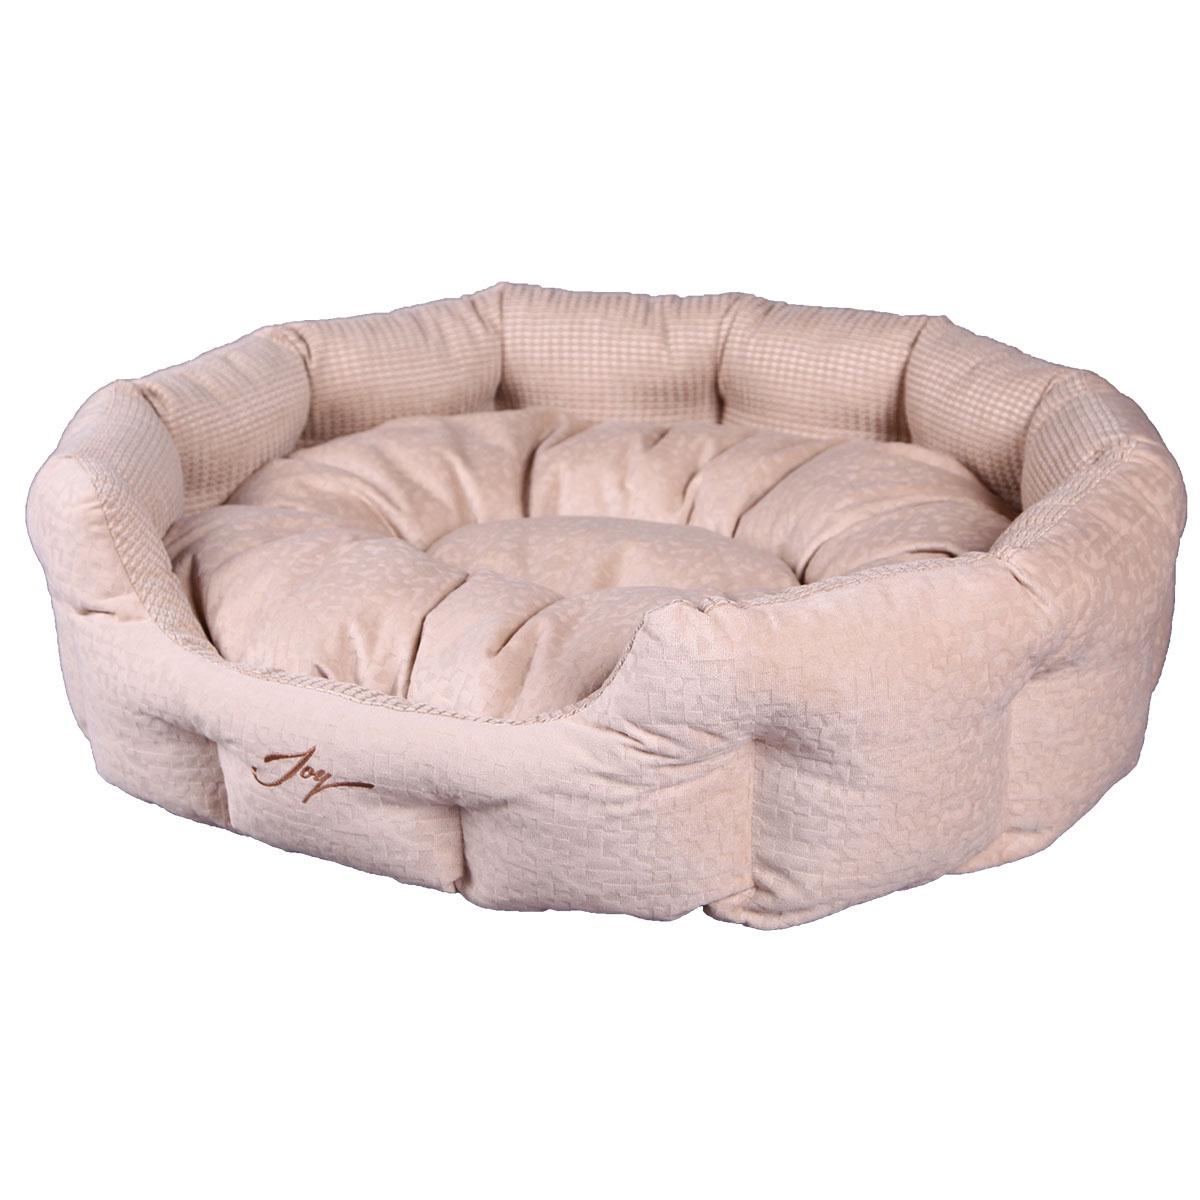 Лежак для животных JOY Лежанка круглая 70х55х22см собак, бежевый